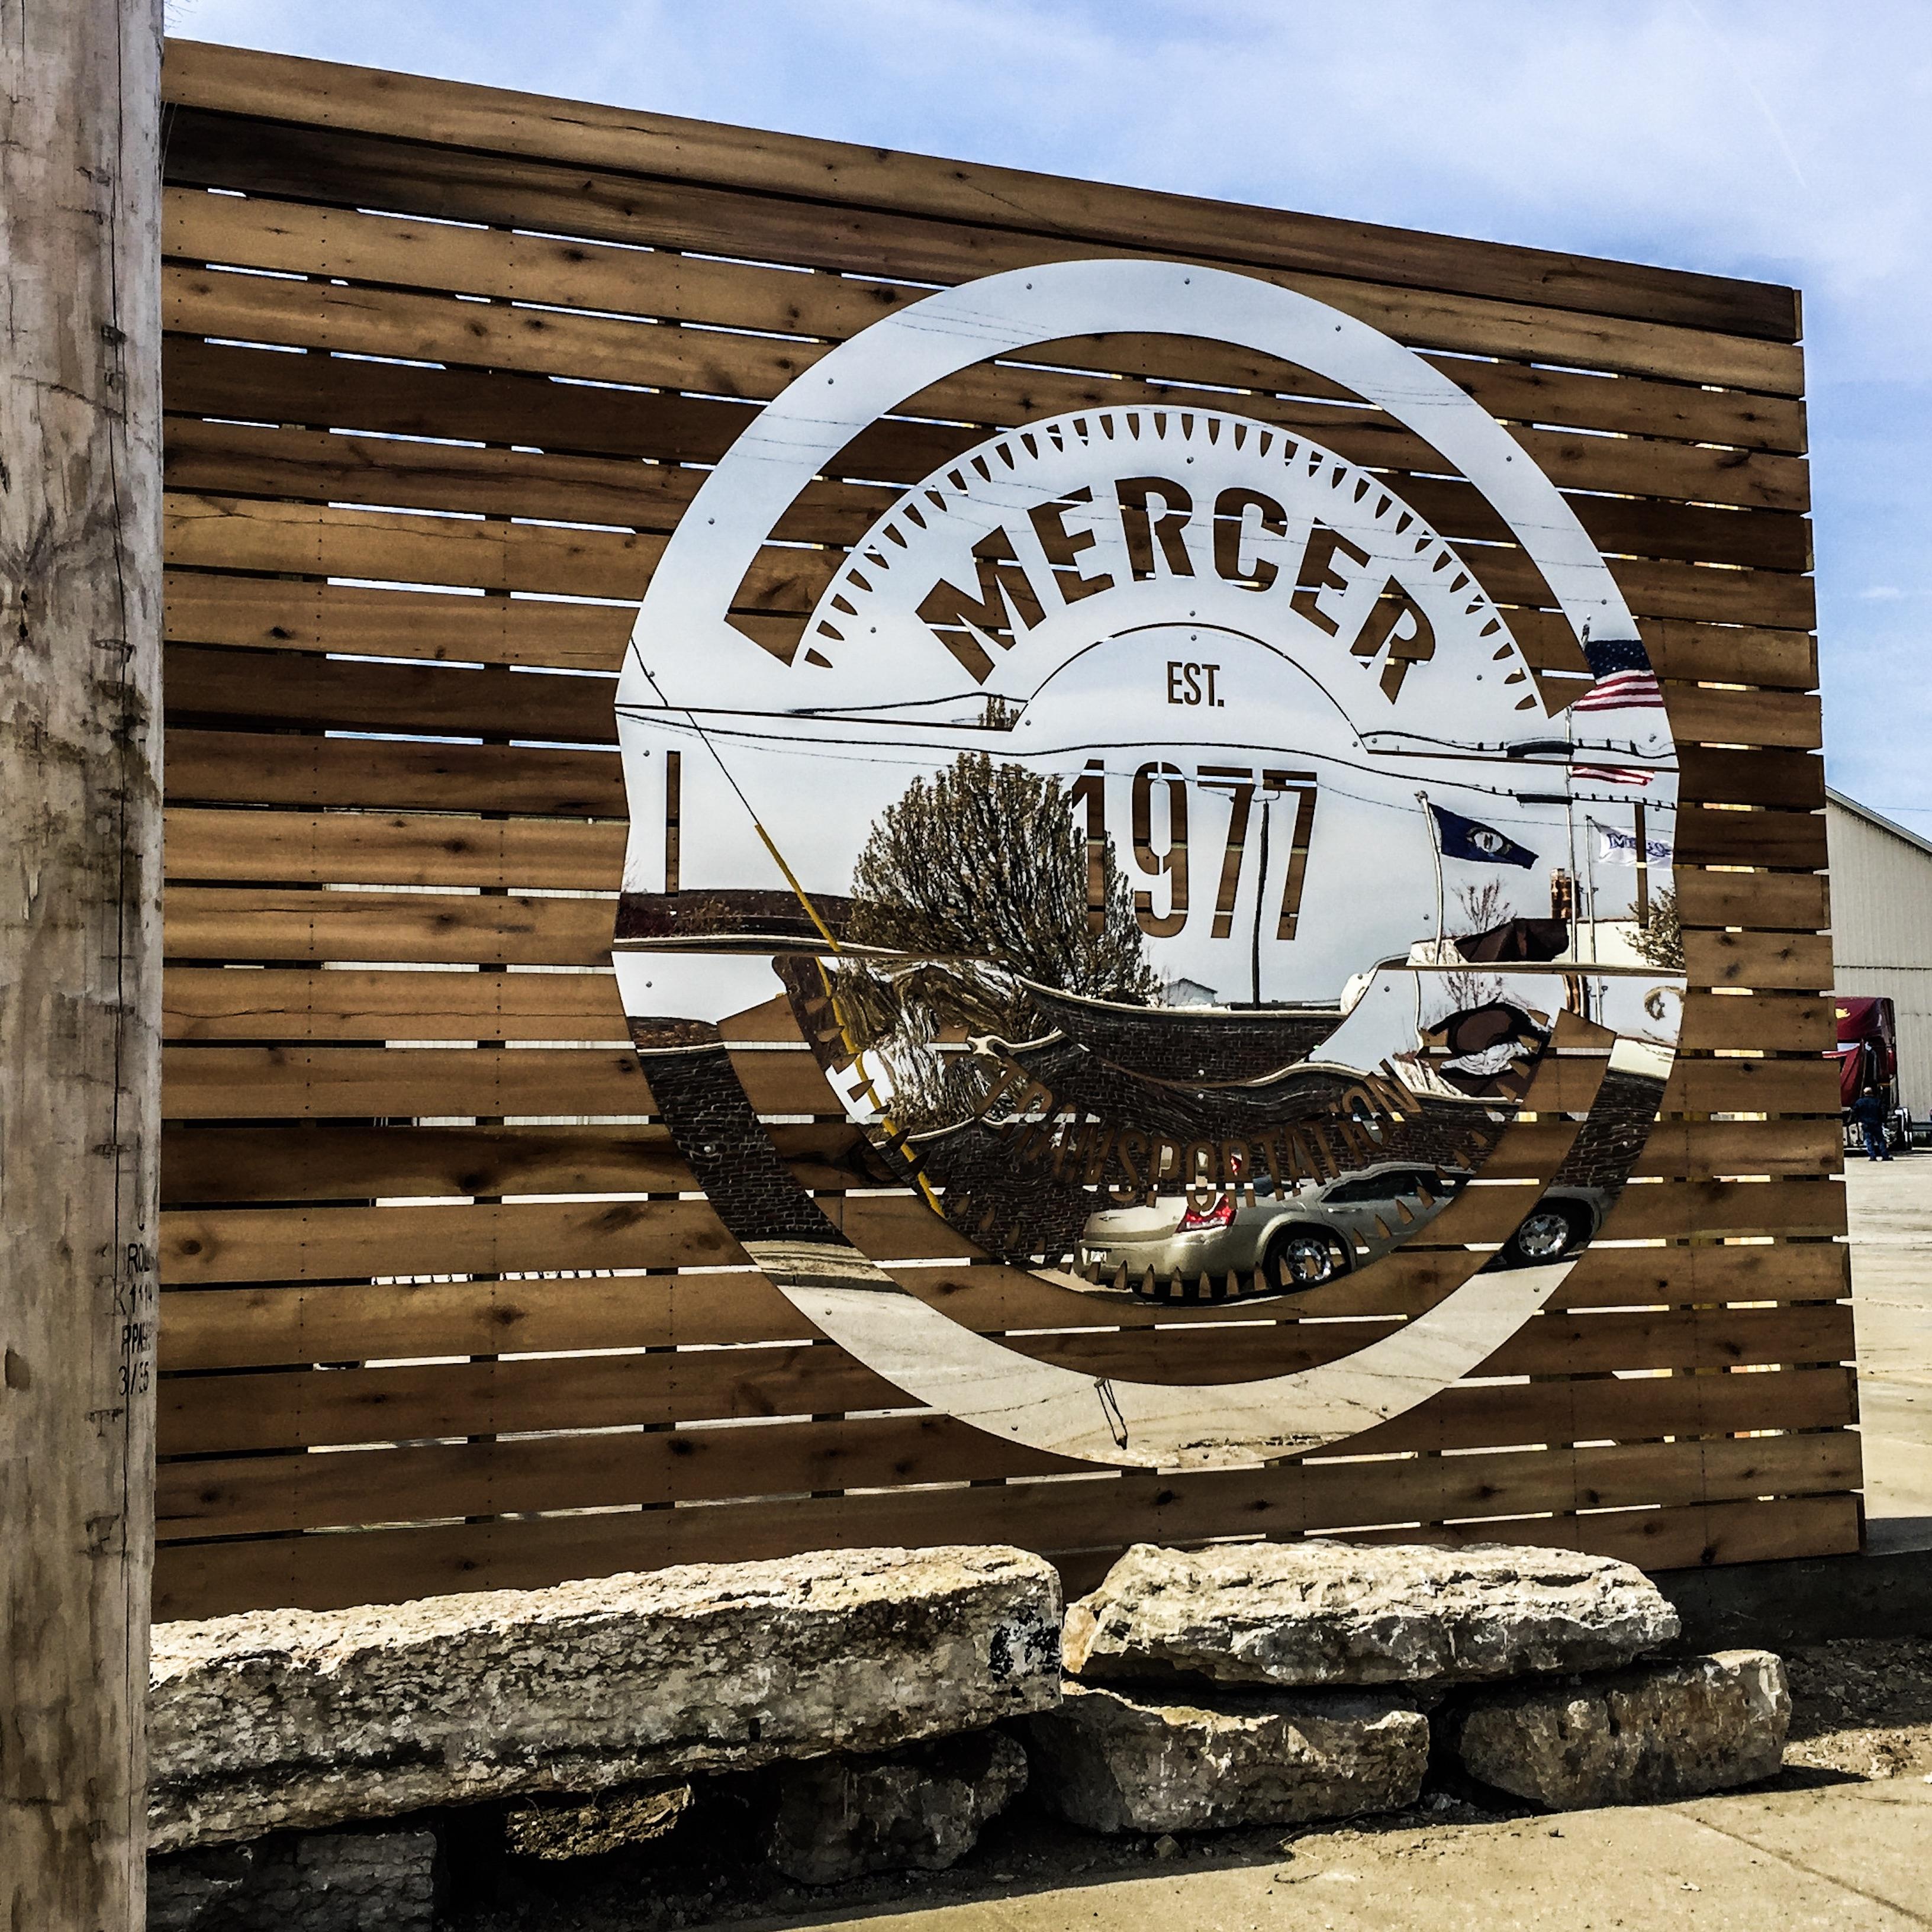 Uncategorized archives mercer transportation co join for Mercer available loads